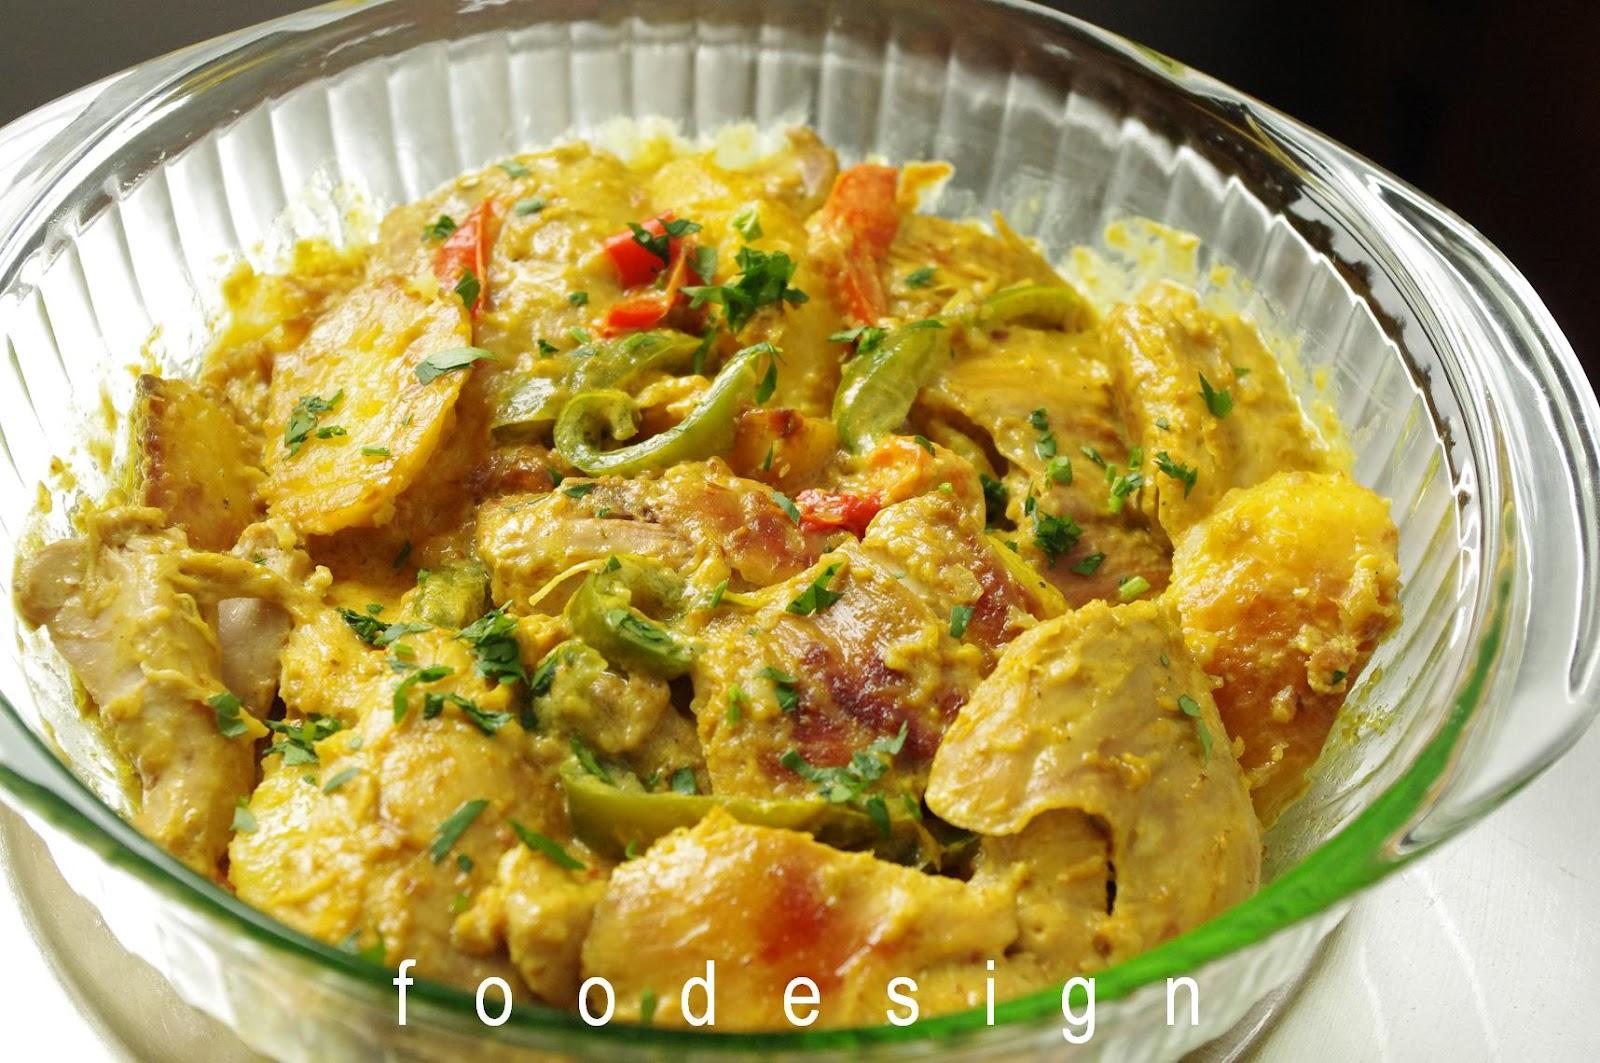 Foodesign May 2012